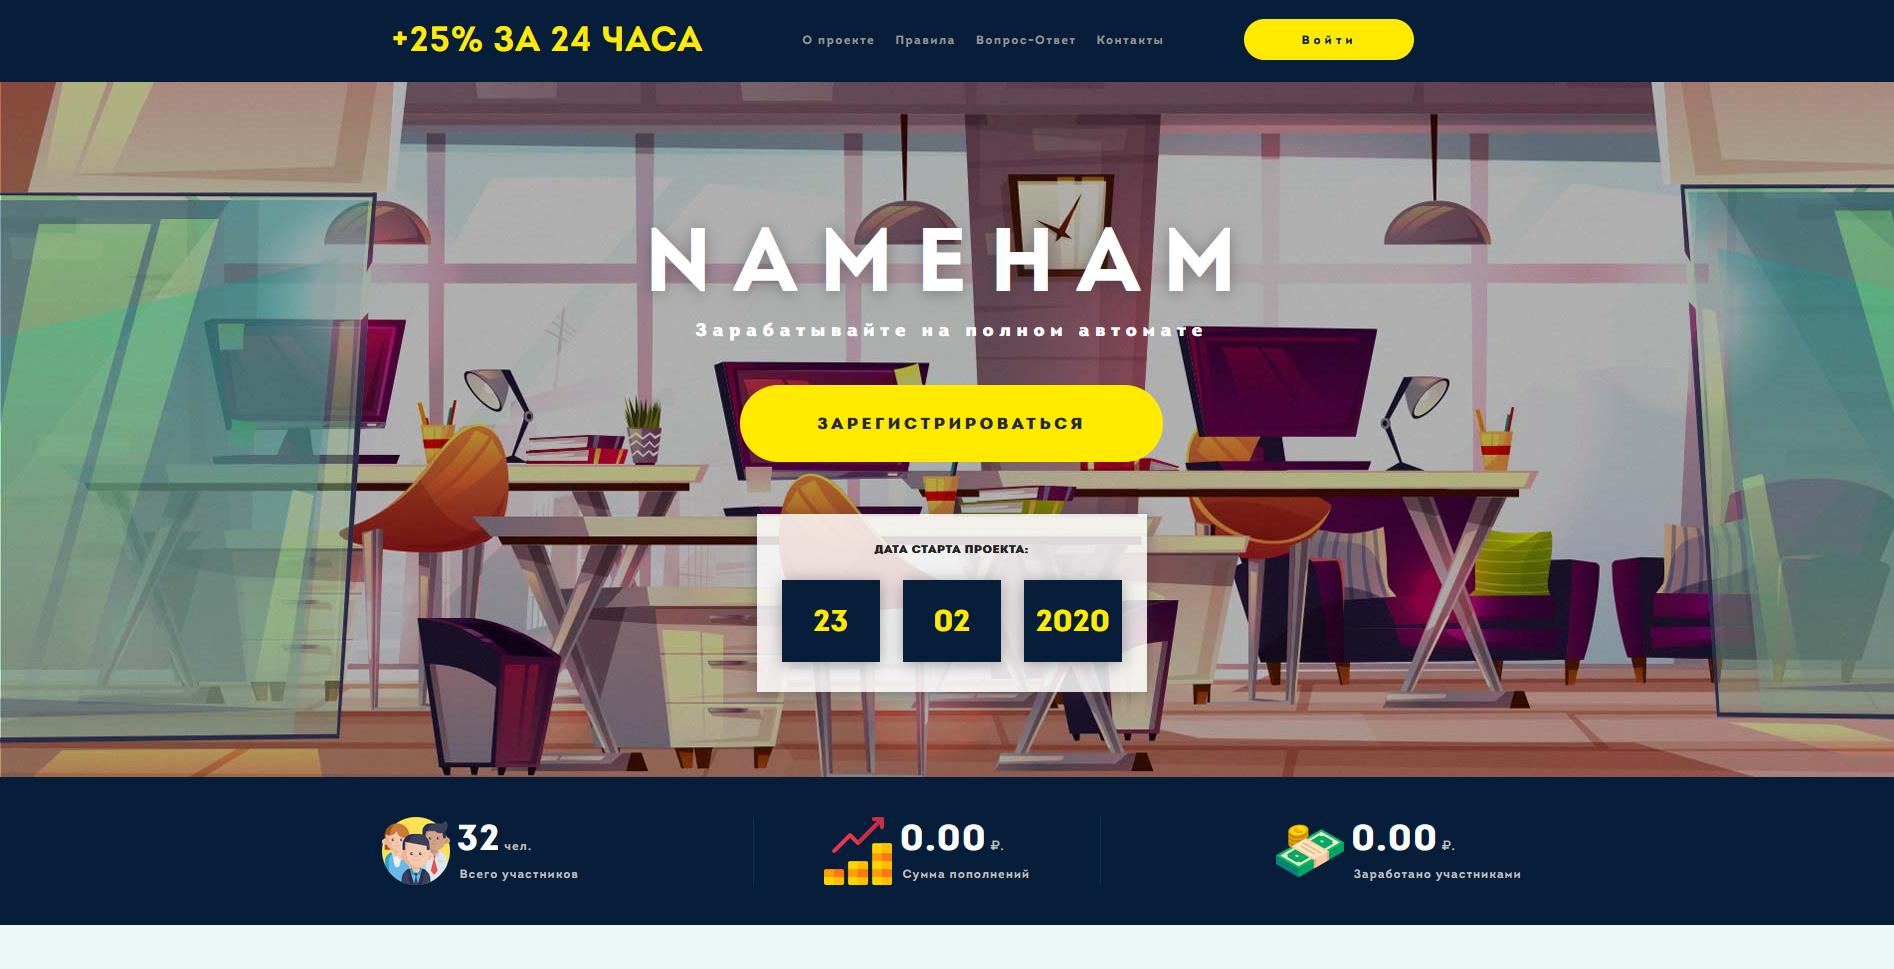 nameham